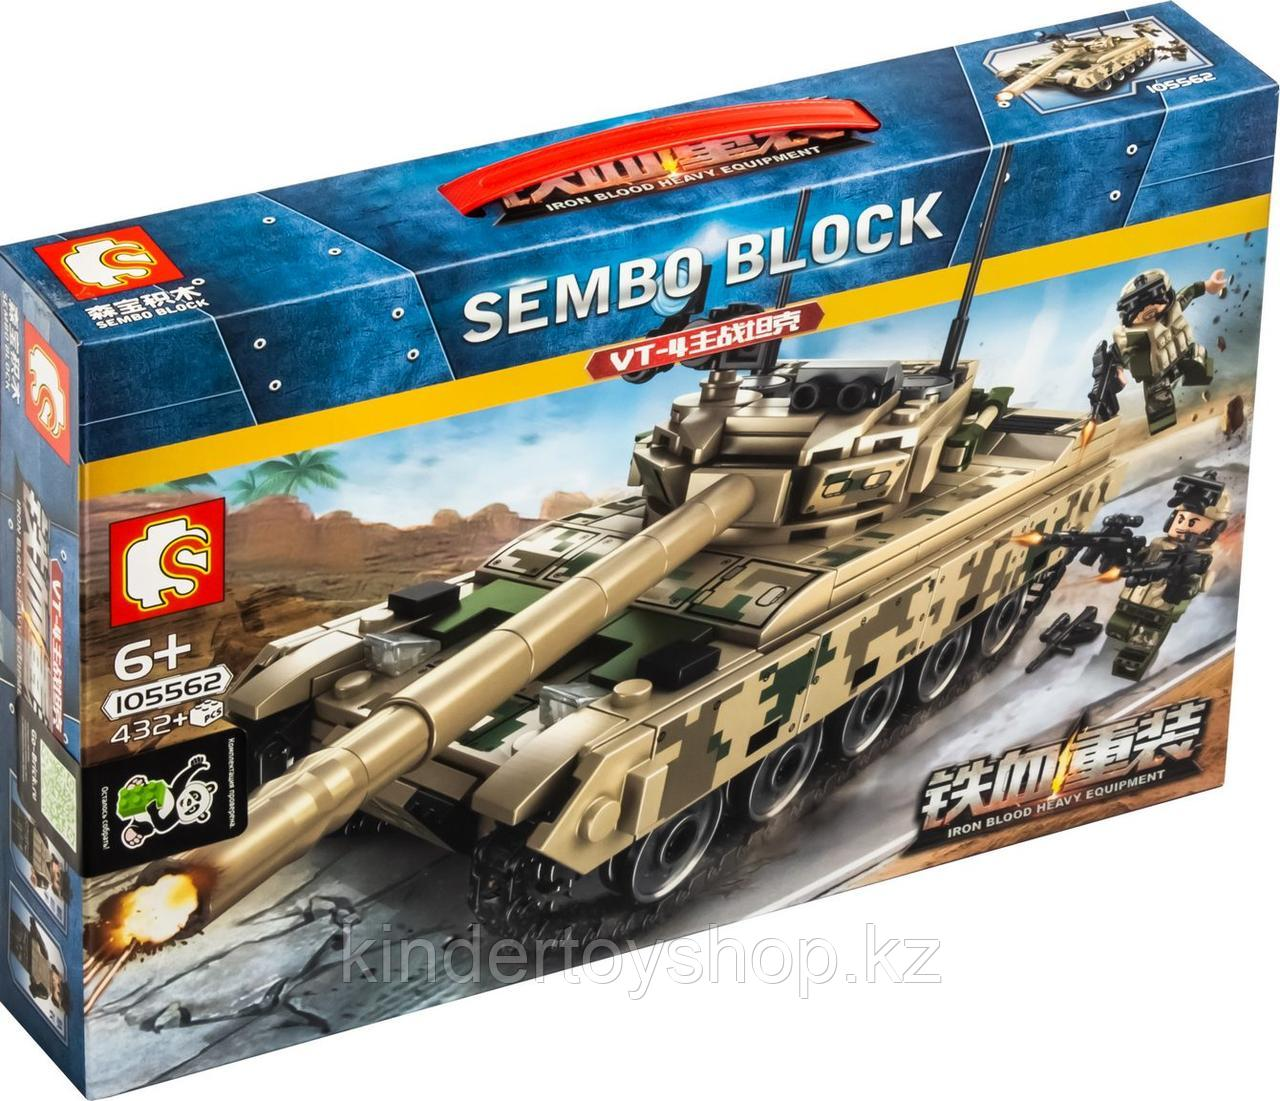 Конструктор аналог лего LEGO Sembo 105562 Основной боевой танк VT-4